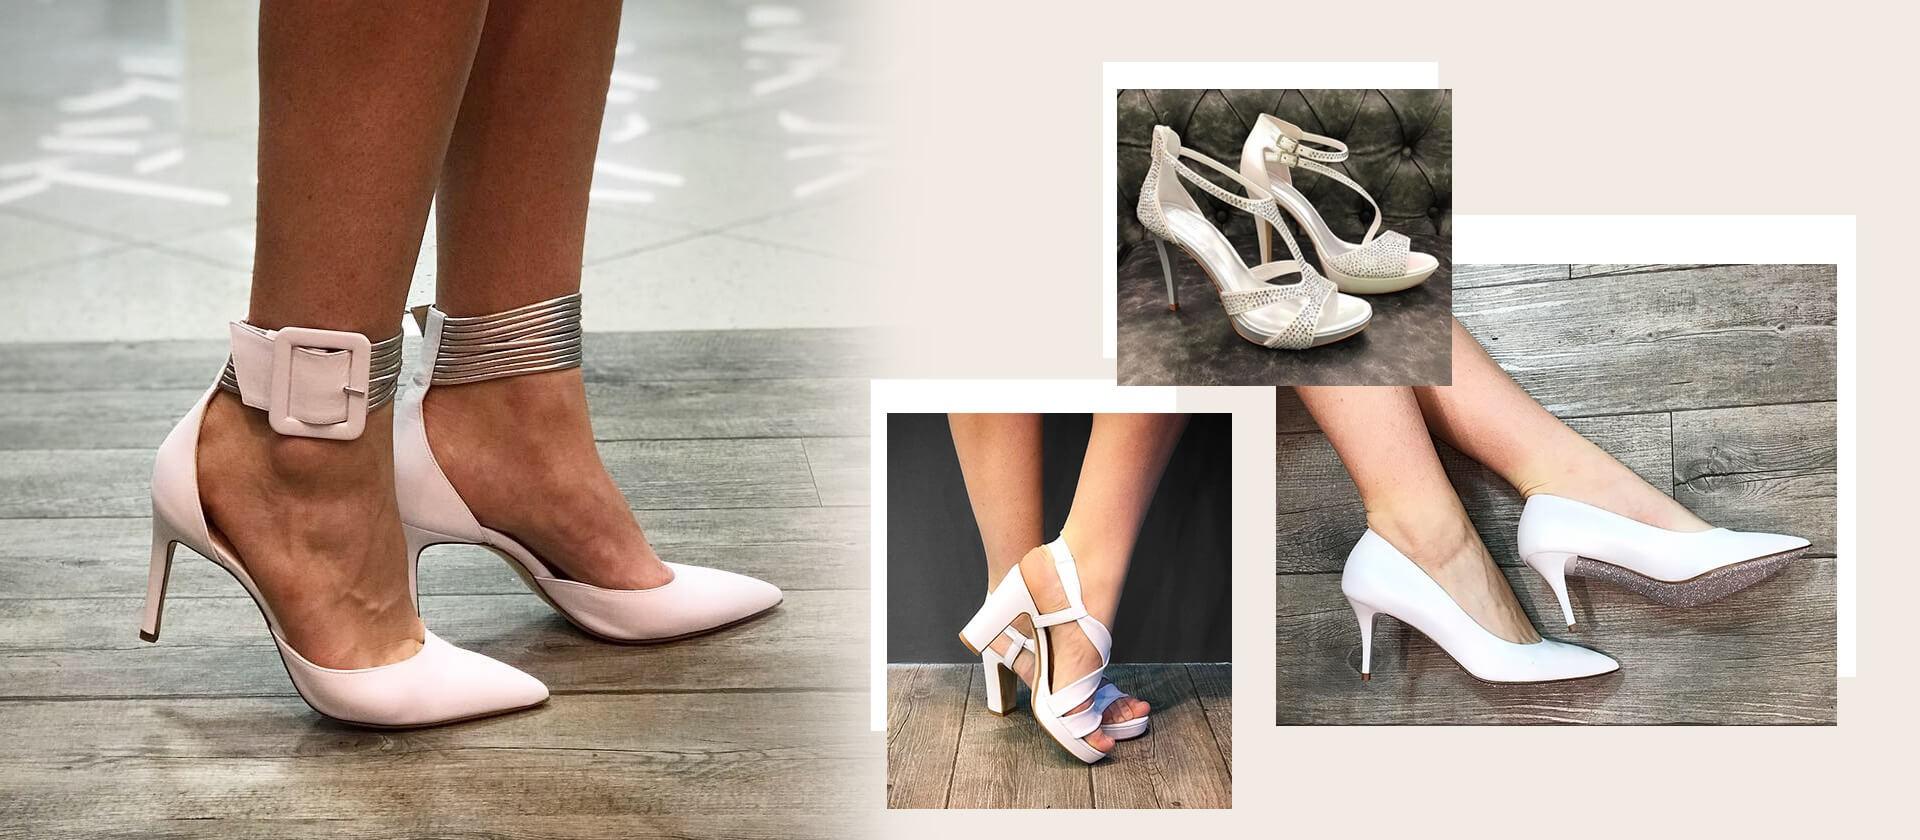 Negozio scarpe Verona - Numeri grandi e piccoli - Sposa cd11d3b34bf